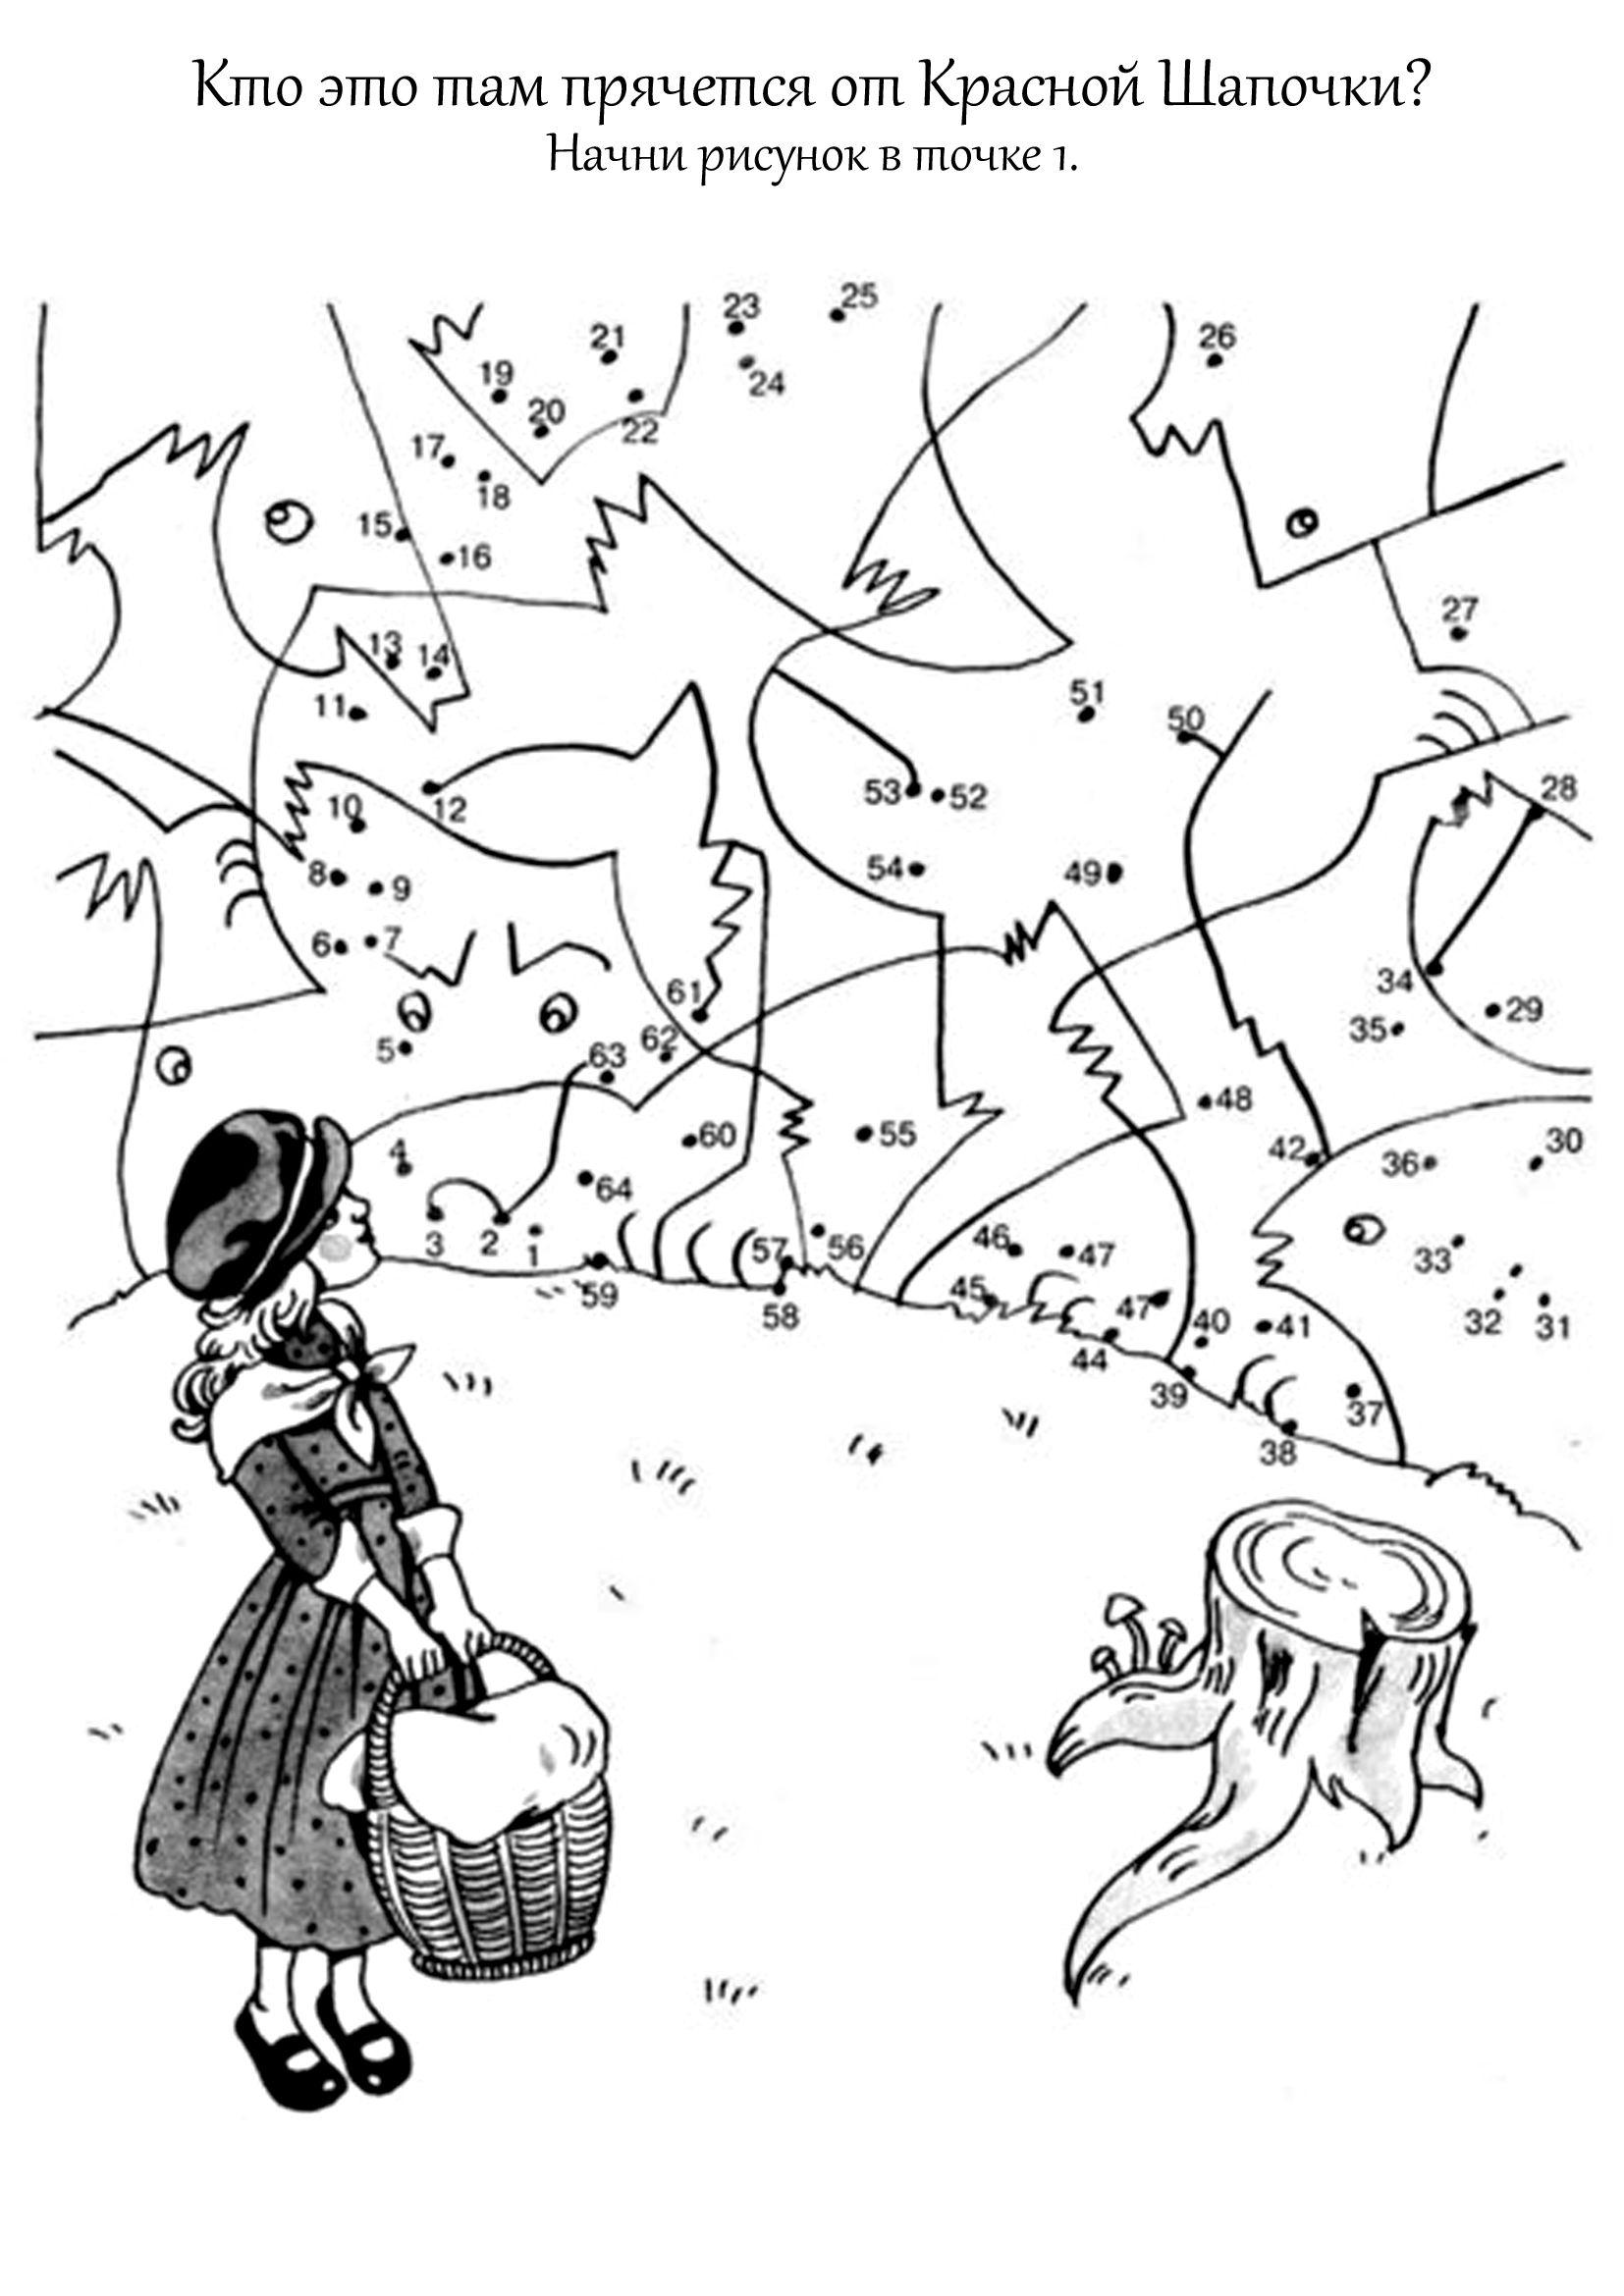 Рисуем по точкам. Сказка | Сказки, Точки, Раскраски